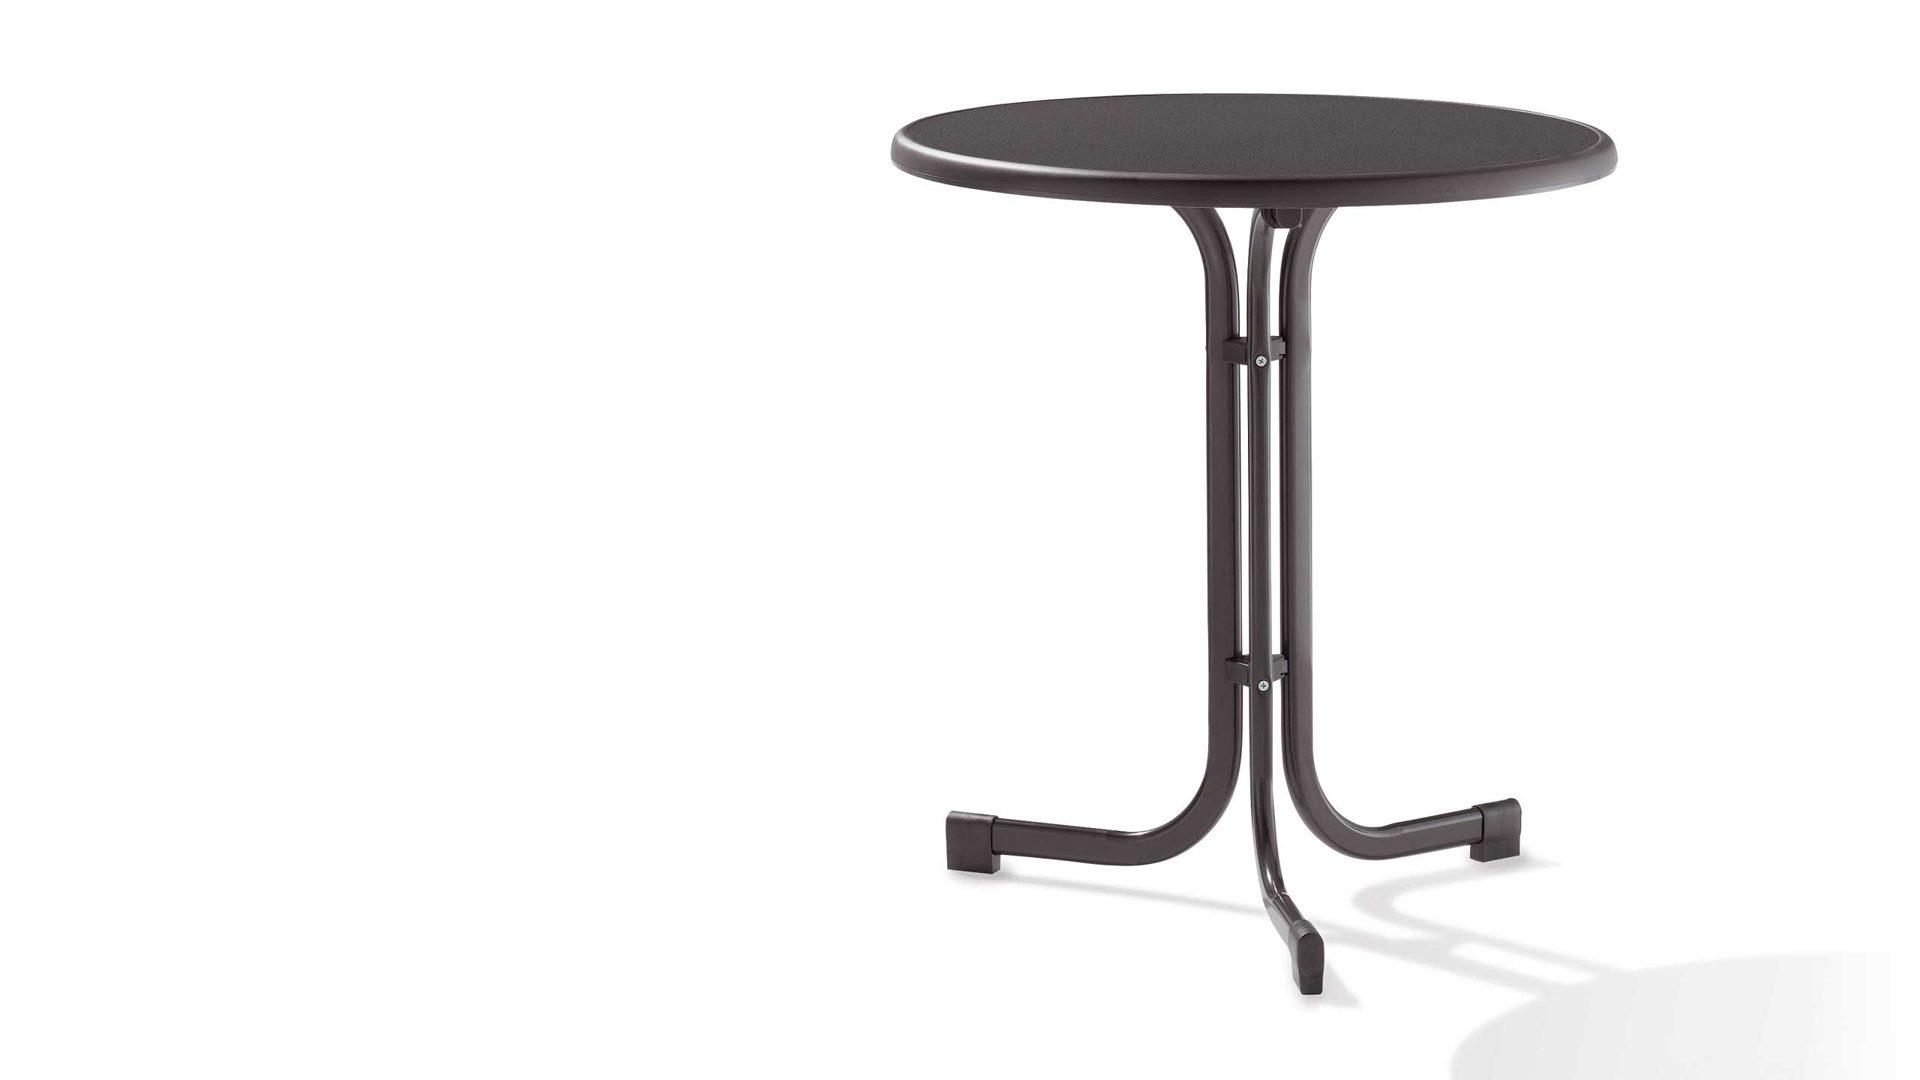 Gartentisch Sieger In Anthrazit Grau Sieger Klapptisch Gartentisch  Tischplatte Mecalit D.: 70 Cm Gestell